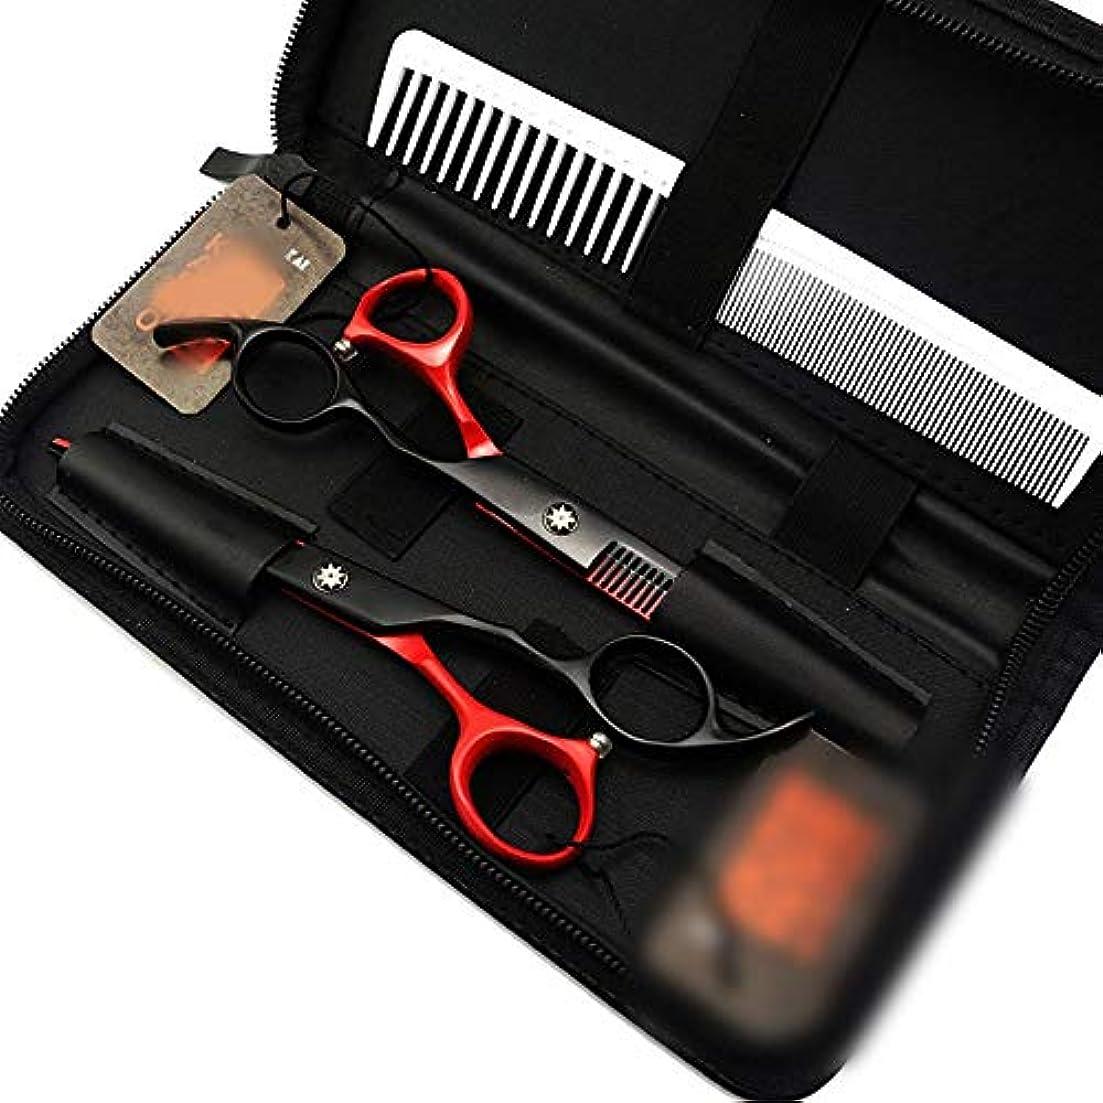 感覚興奮ブート6.0インチの黒く赤く平らな+歯はさみセット、専門の理髪はさみ用具 モデリングツール (色 : Black red)